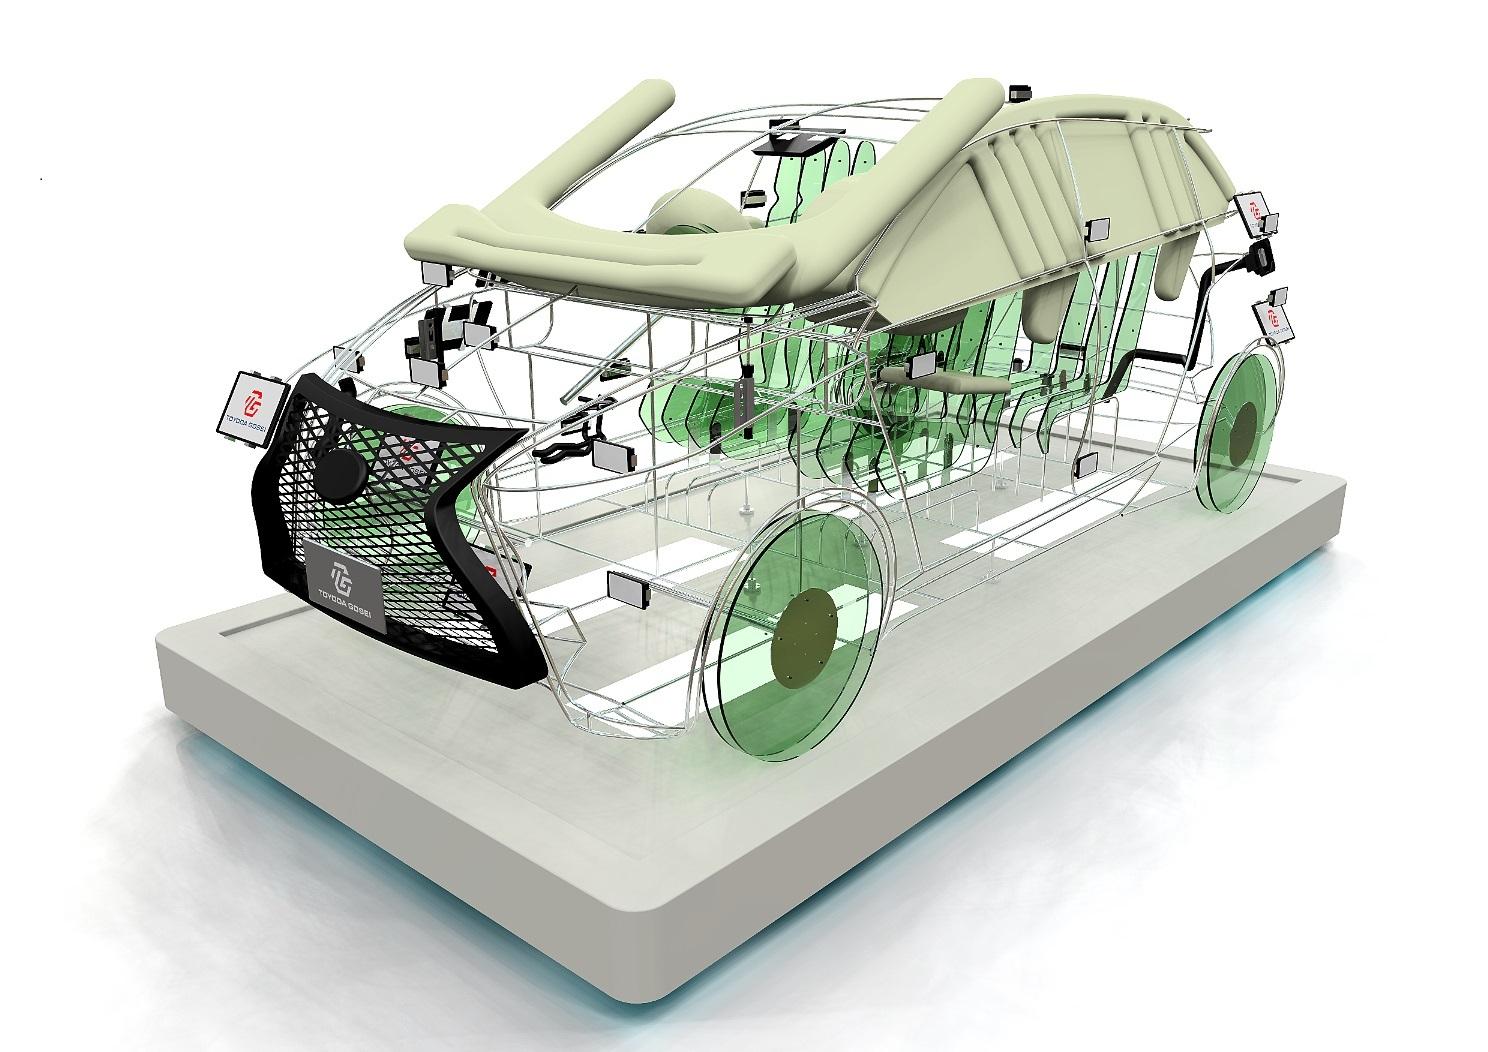 展示品-安全·环境钢铁模型(照片:美国商业资讯)